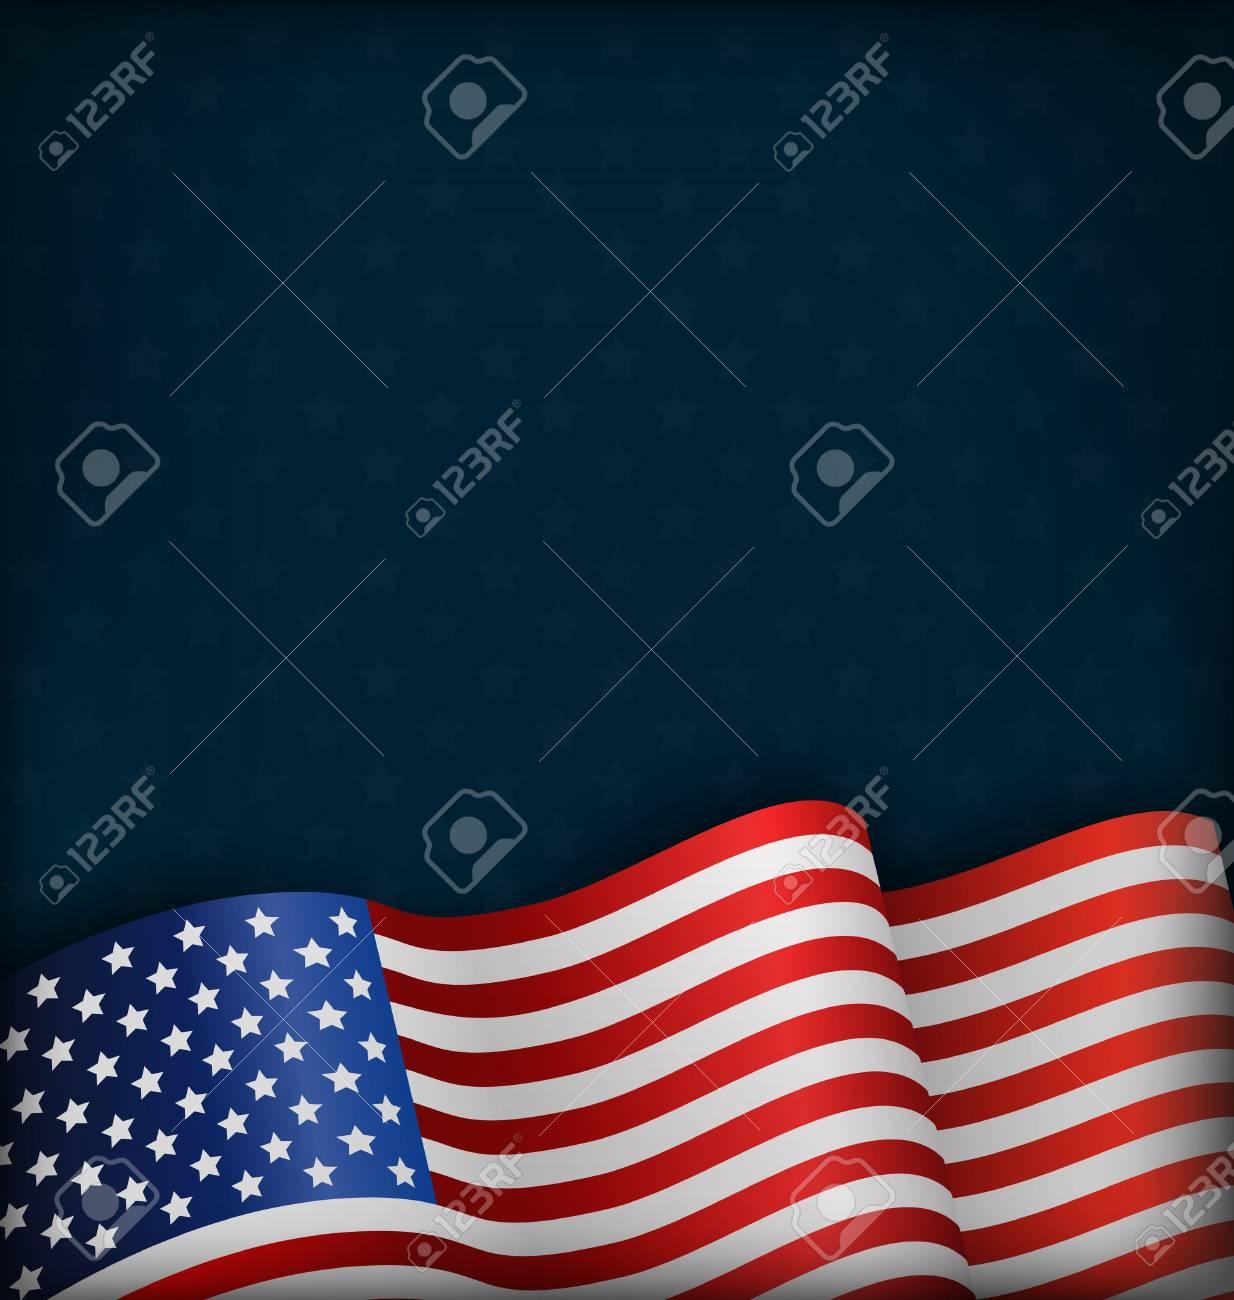 Wavy USA National Flag on Blue Background - 55717672